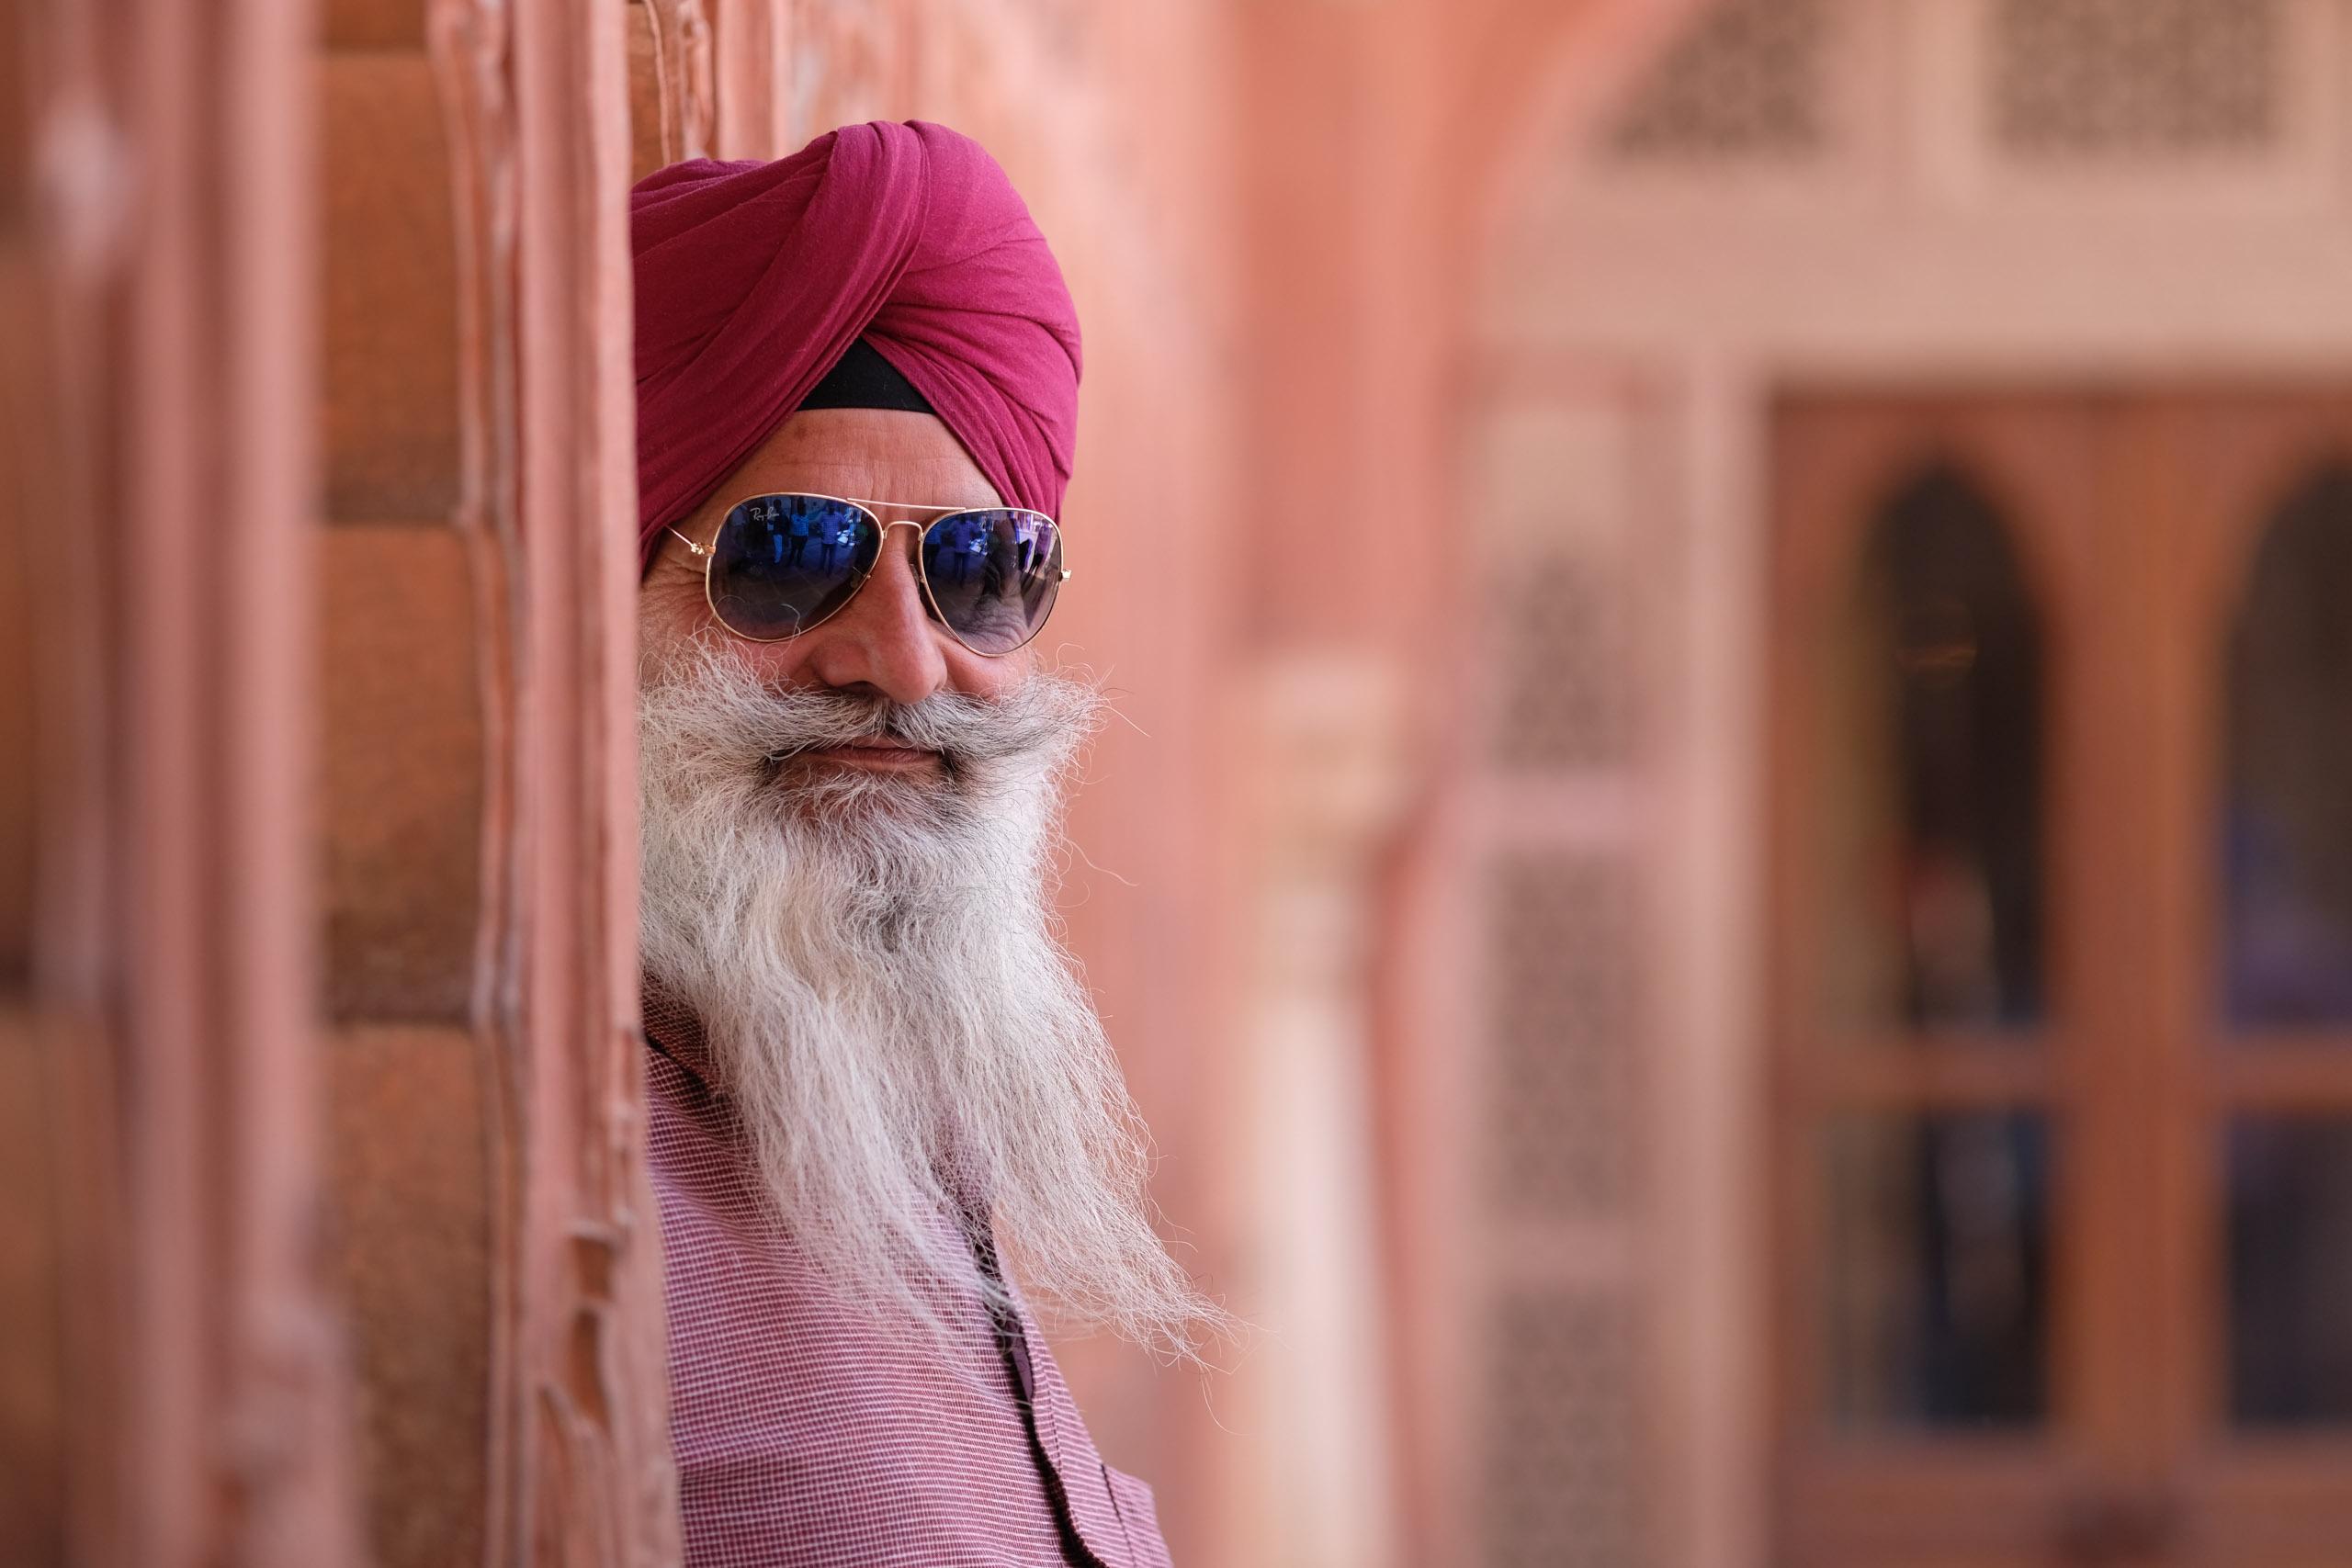 Reisefotografien des Marburger Fotografen Jan Bosch aus der indischen Provinz Rajasthan, 2017. © Jan Bosch